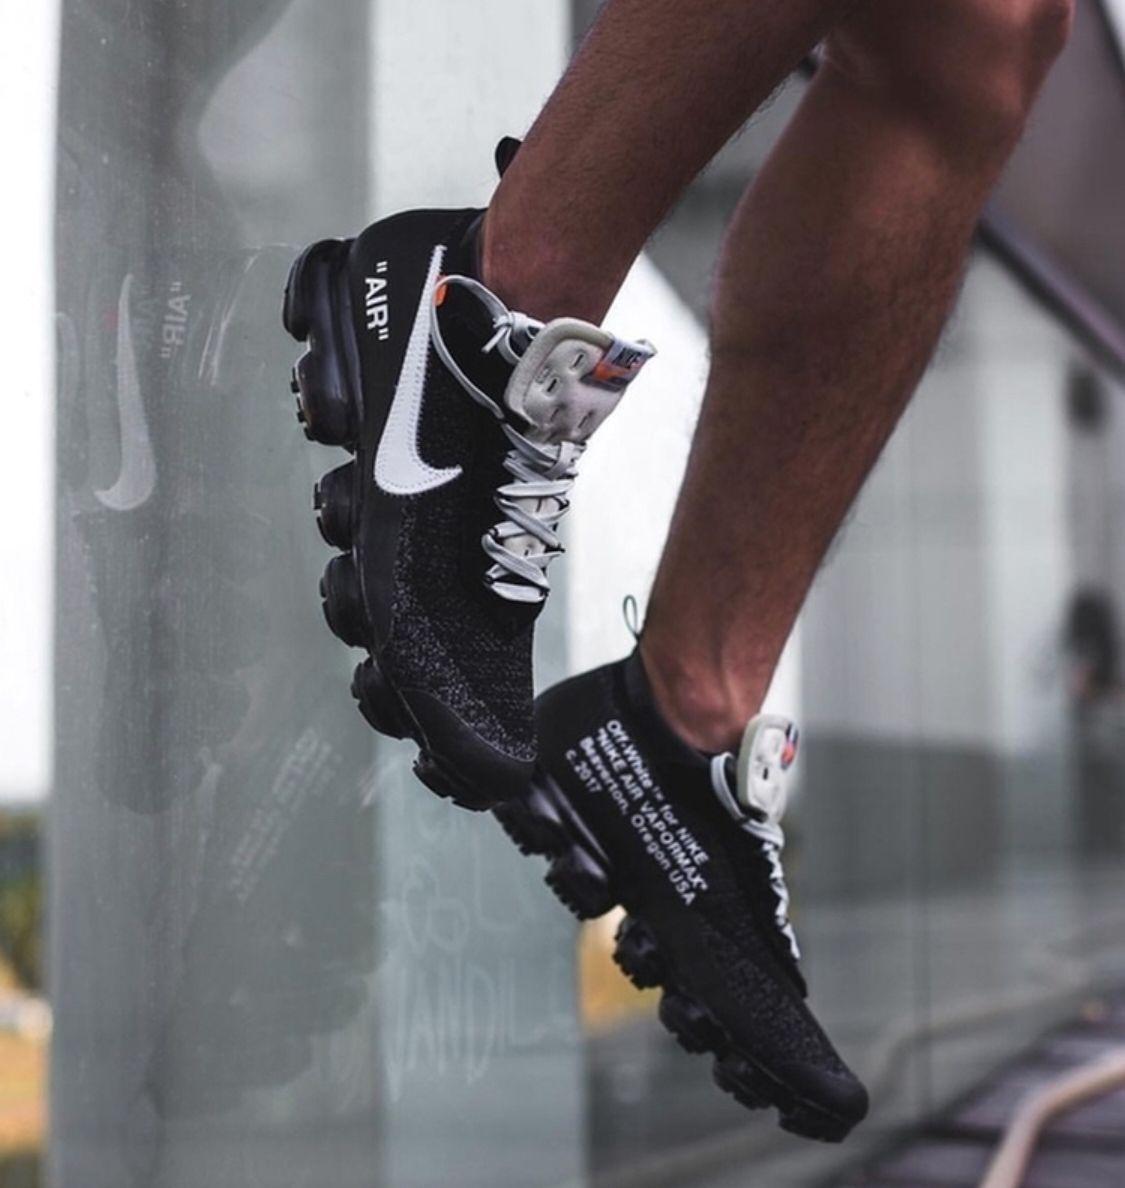 check out dac79 a2e08 Off-White Vapormax Ropa Puma, Tenis, Estilo, Zapatillas Nike, Zapatos  Deportivos